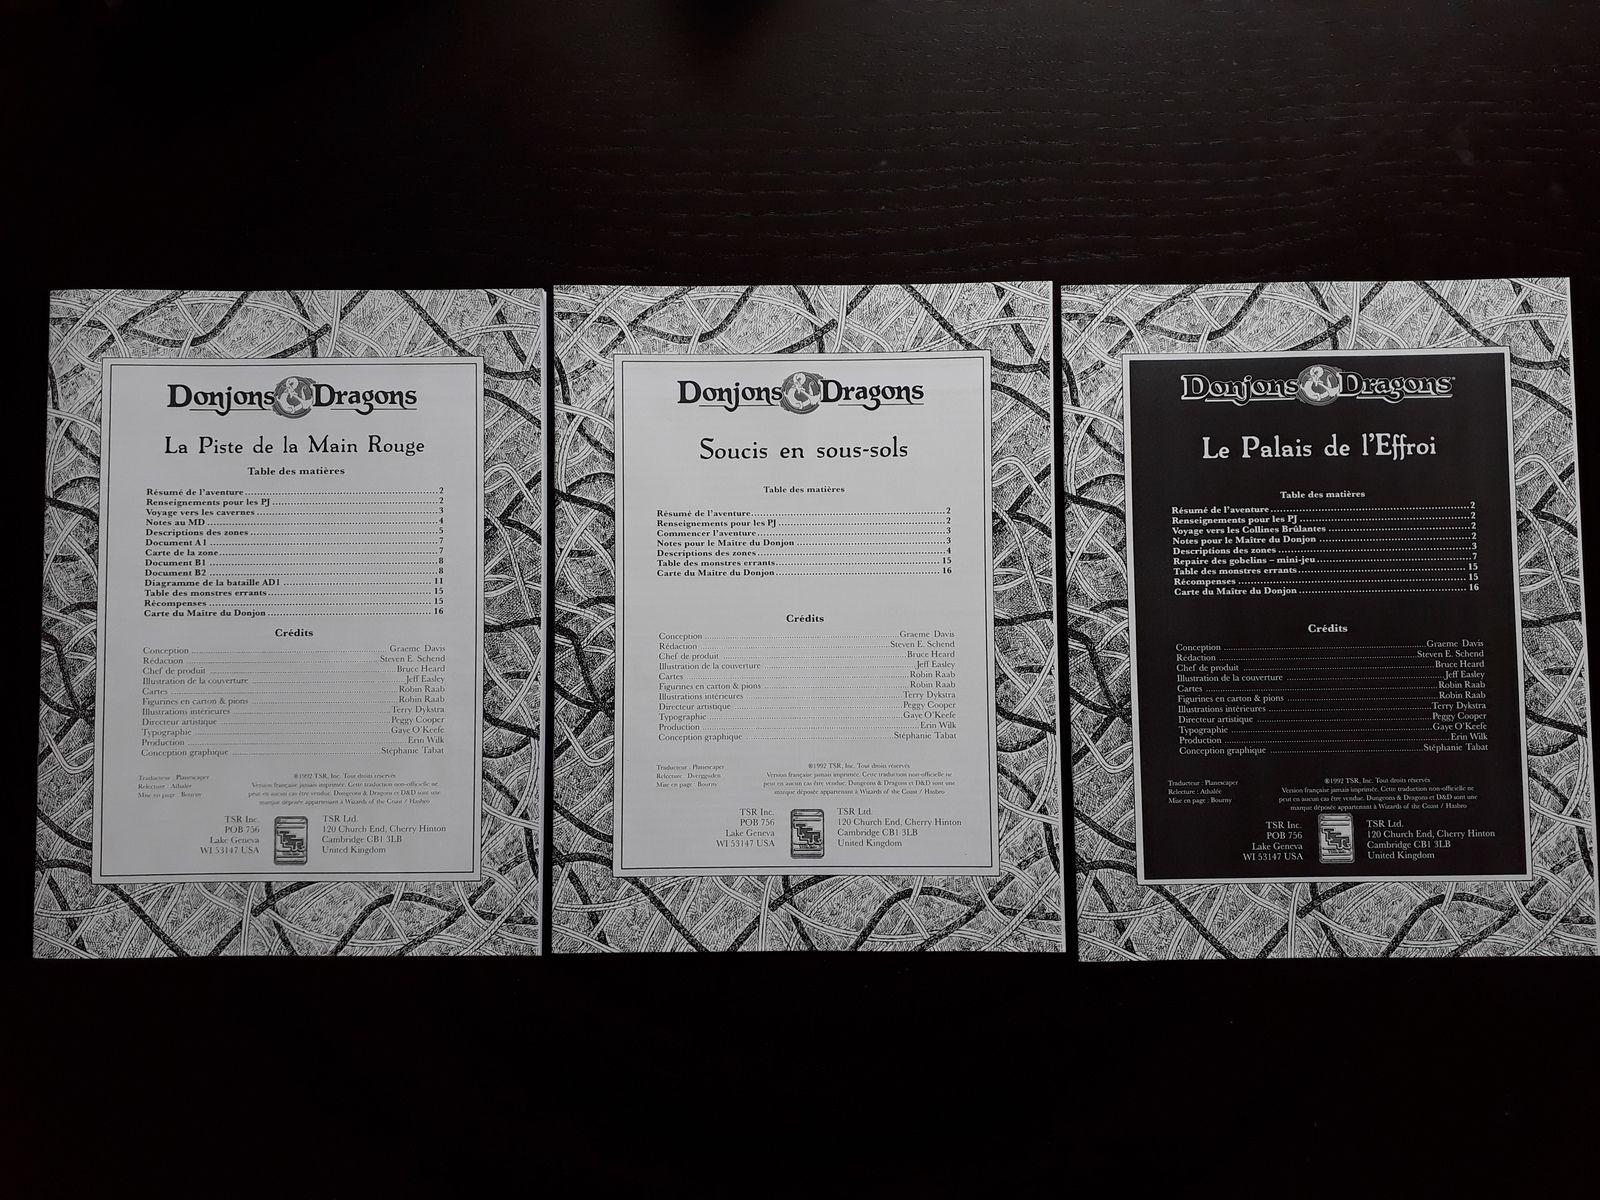 Les 3 livrets qui forment les aventures du Repaire des gobelins.